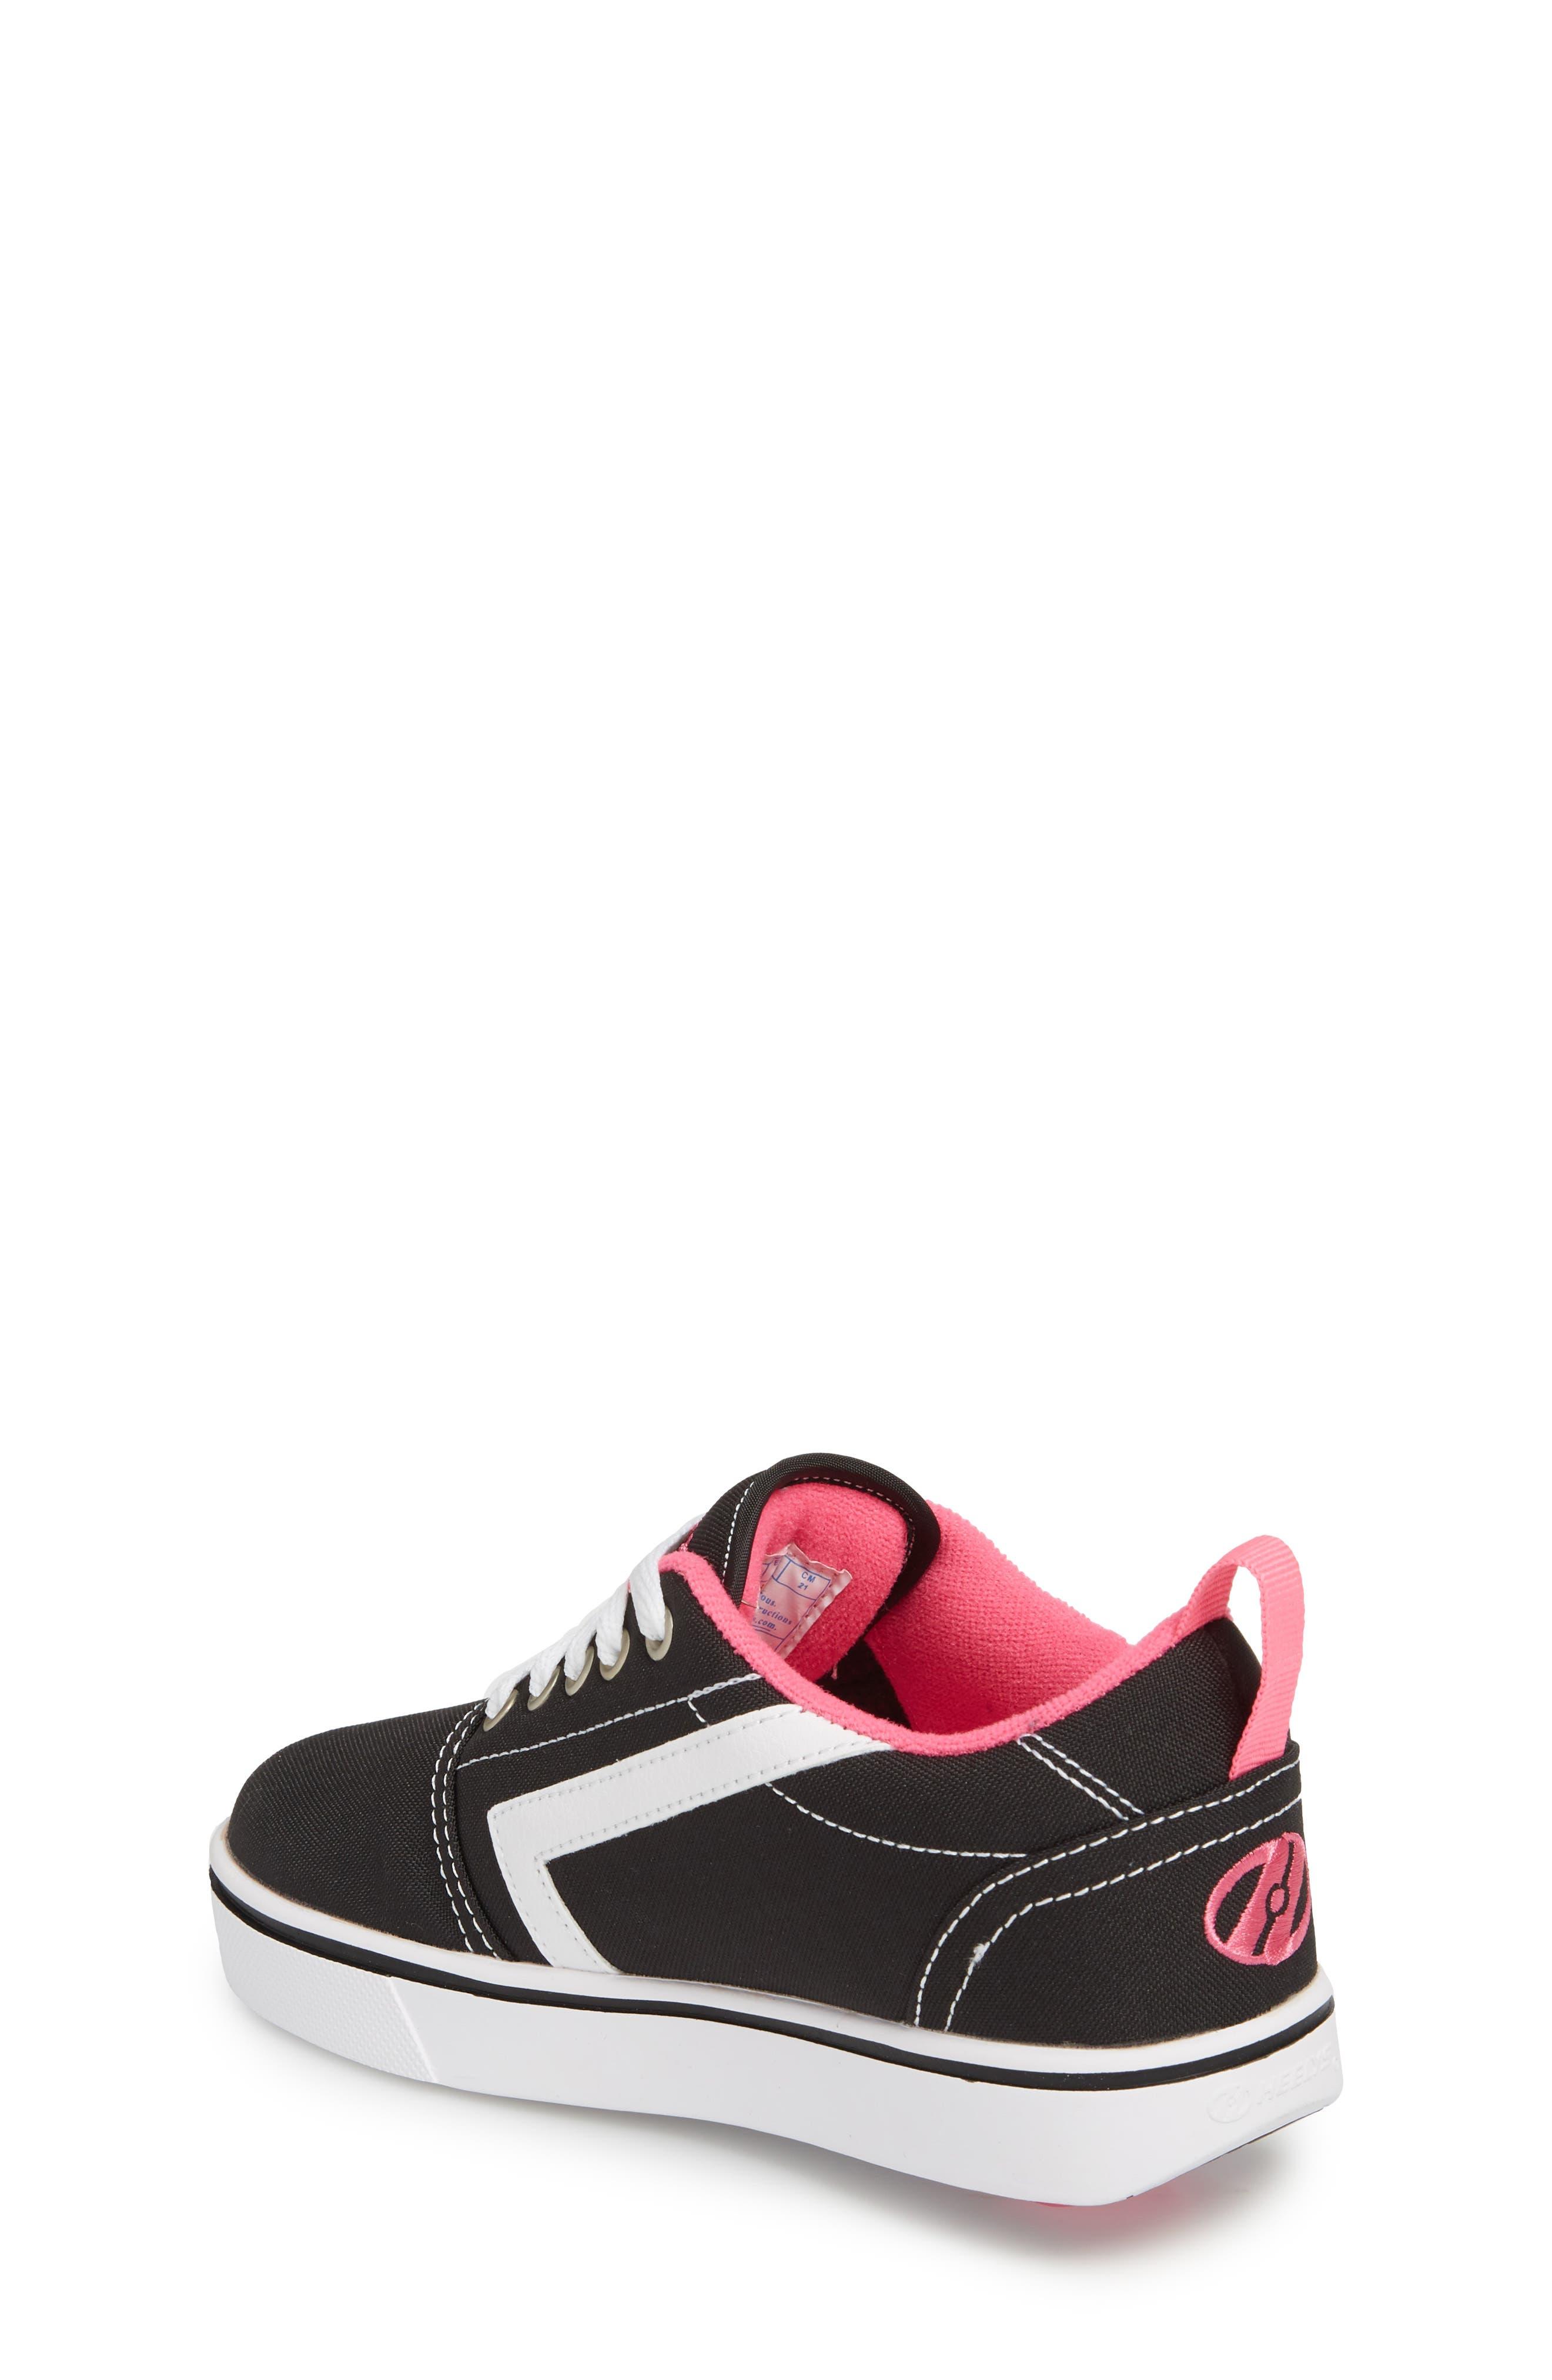 GR8 Pro Wheeled Sneaker,                             Alternate thumbnail 2, color,                             002